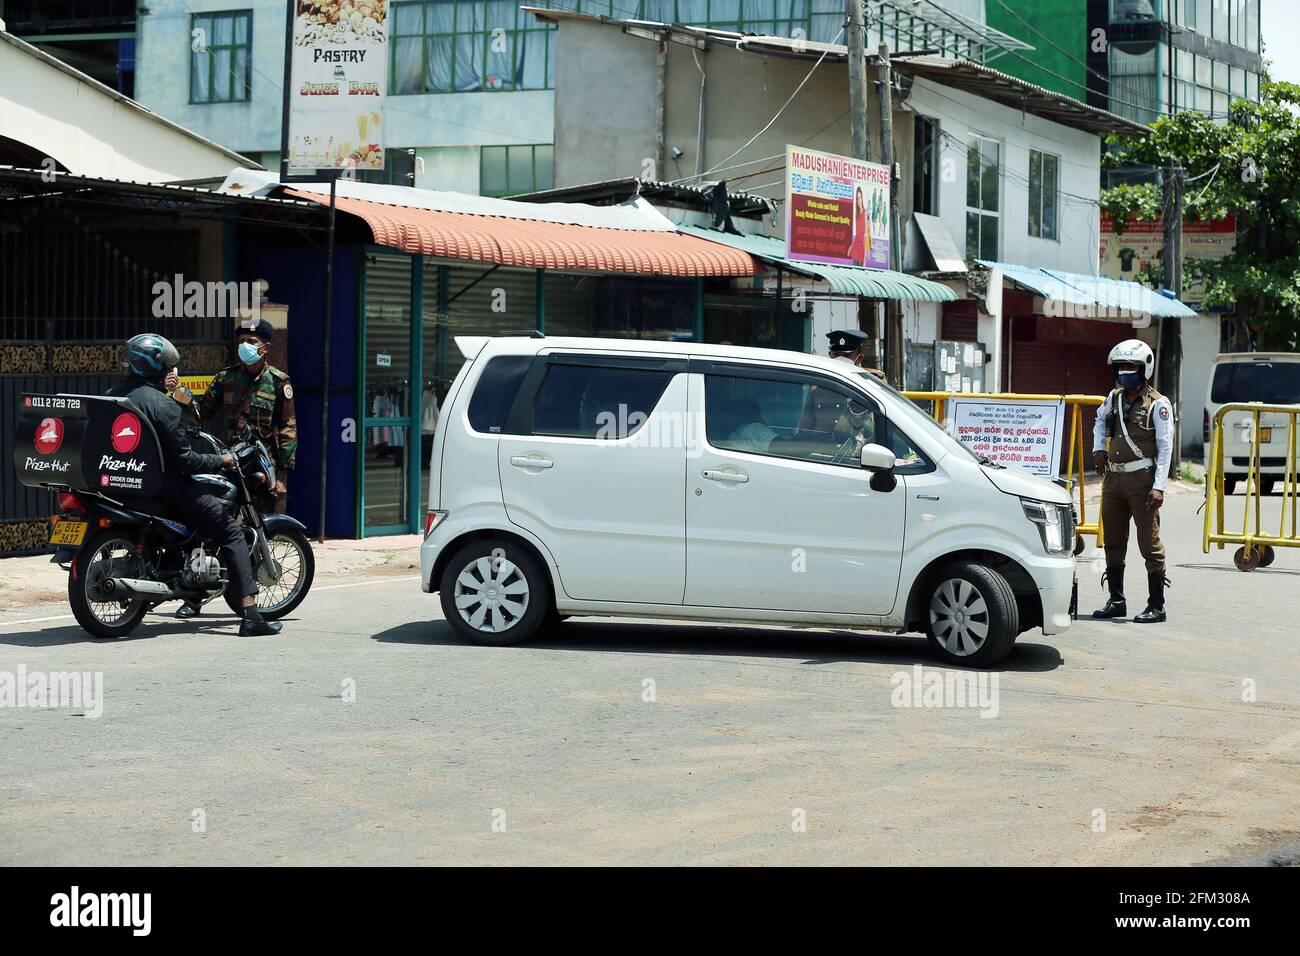 Colombo, Sri Lanka. 5 mai 2021. Des membres de l'armée et de la police sont vus à côté de barricades établies à Maharagama, alors que les autorités sanitaires ont déclaré la zone à isoler, à Colombo, au Sri Lanka, le 5 mai 2021. Le nombre total de patients infectés par le COVID-19 au Sri Lanka a dépassé la barre des 115,000 mercredi après que plus de 1,800 nouveaux patients ont été identifiés un jour plus tôt, ont montré les statistiques du ministère de la Santé. Crédit: Ajith Perera/Xinhua/Alamy Live News Banque D'Images